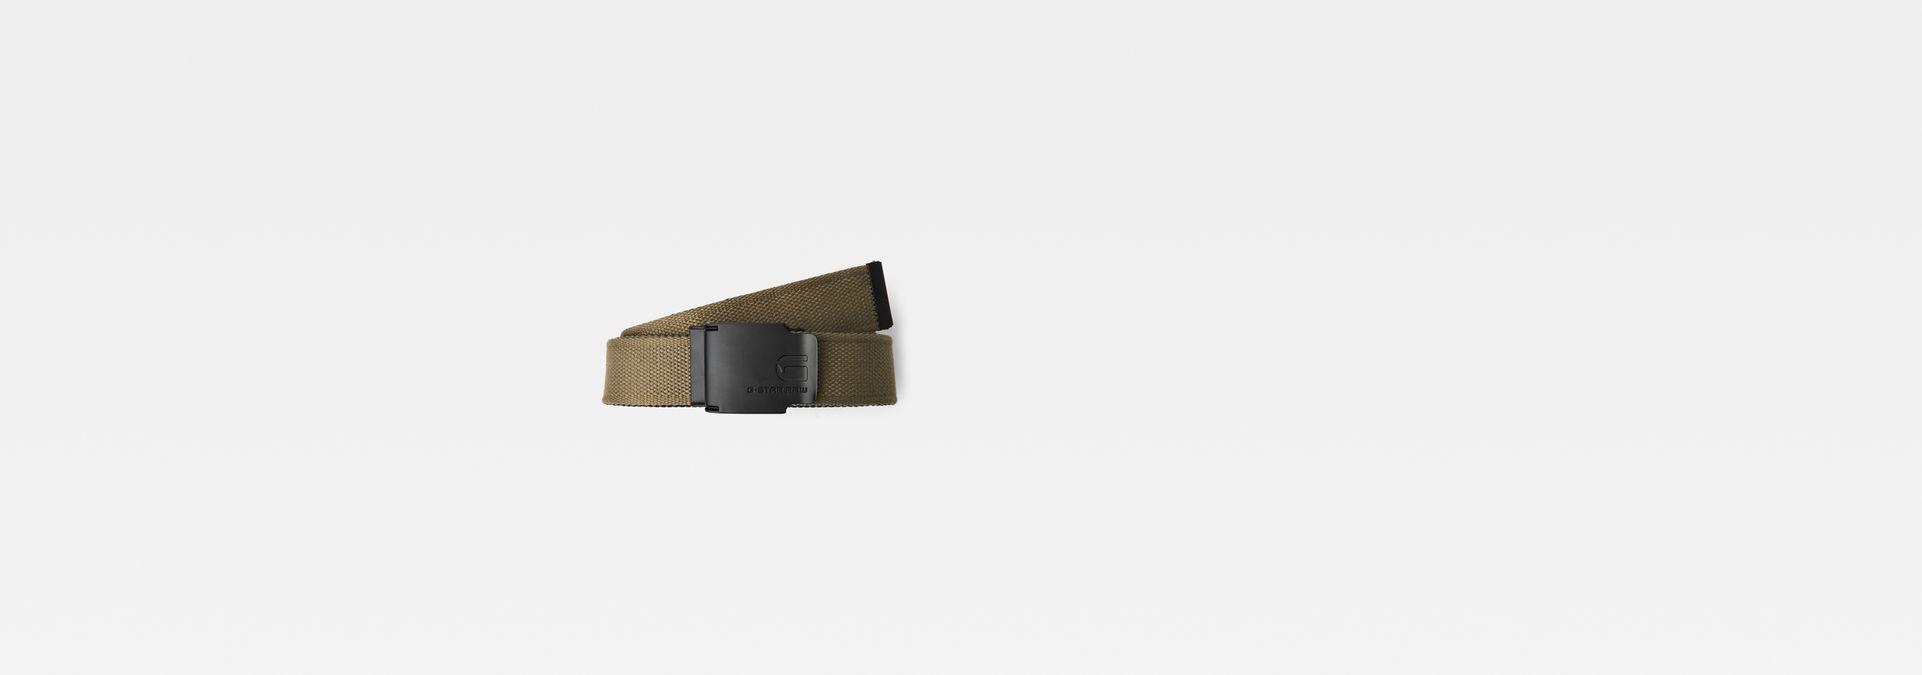 Zioks Webbing Belt   army green black   G-Star RAW® 85caae496b2